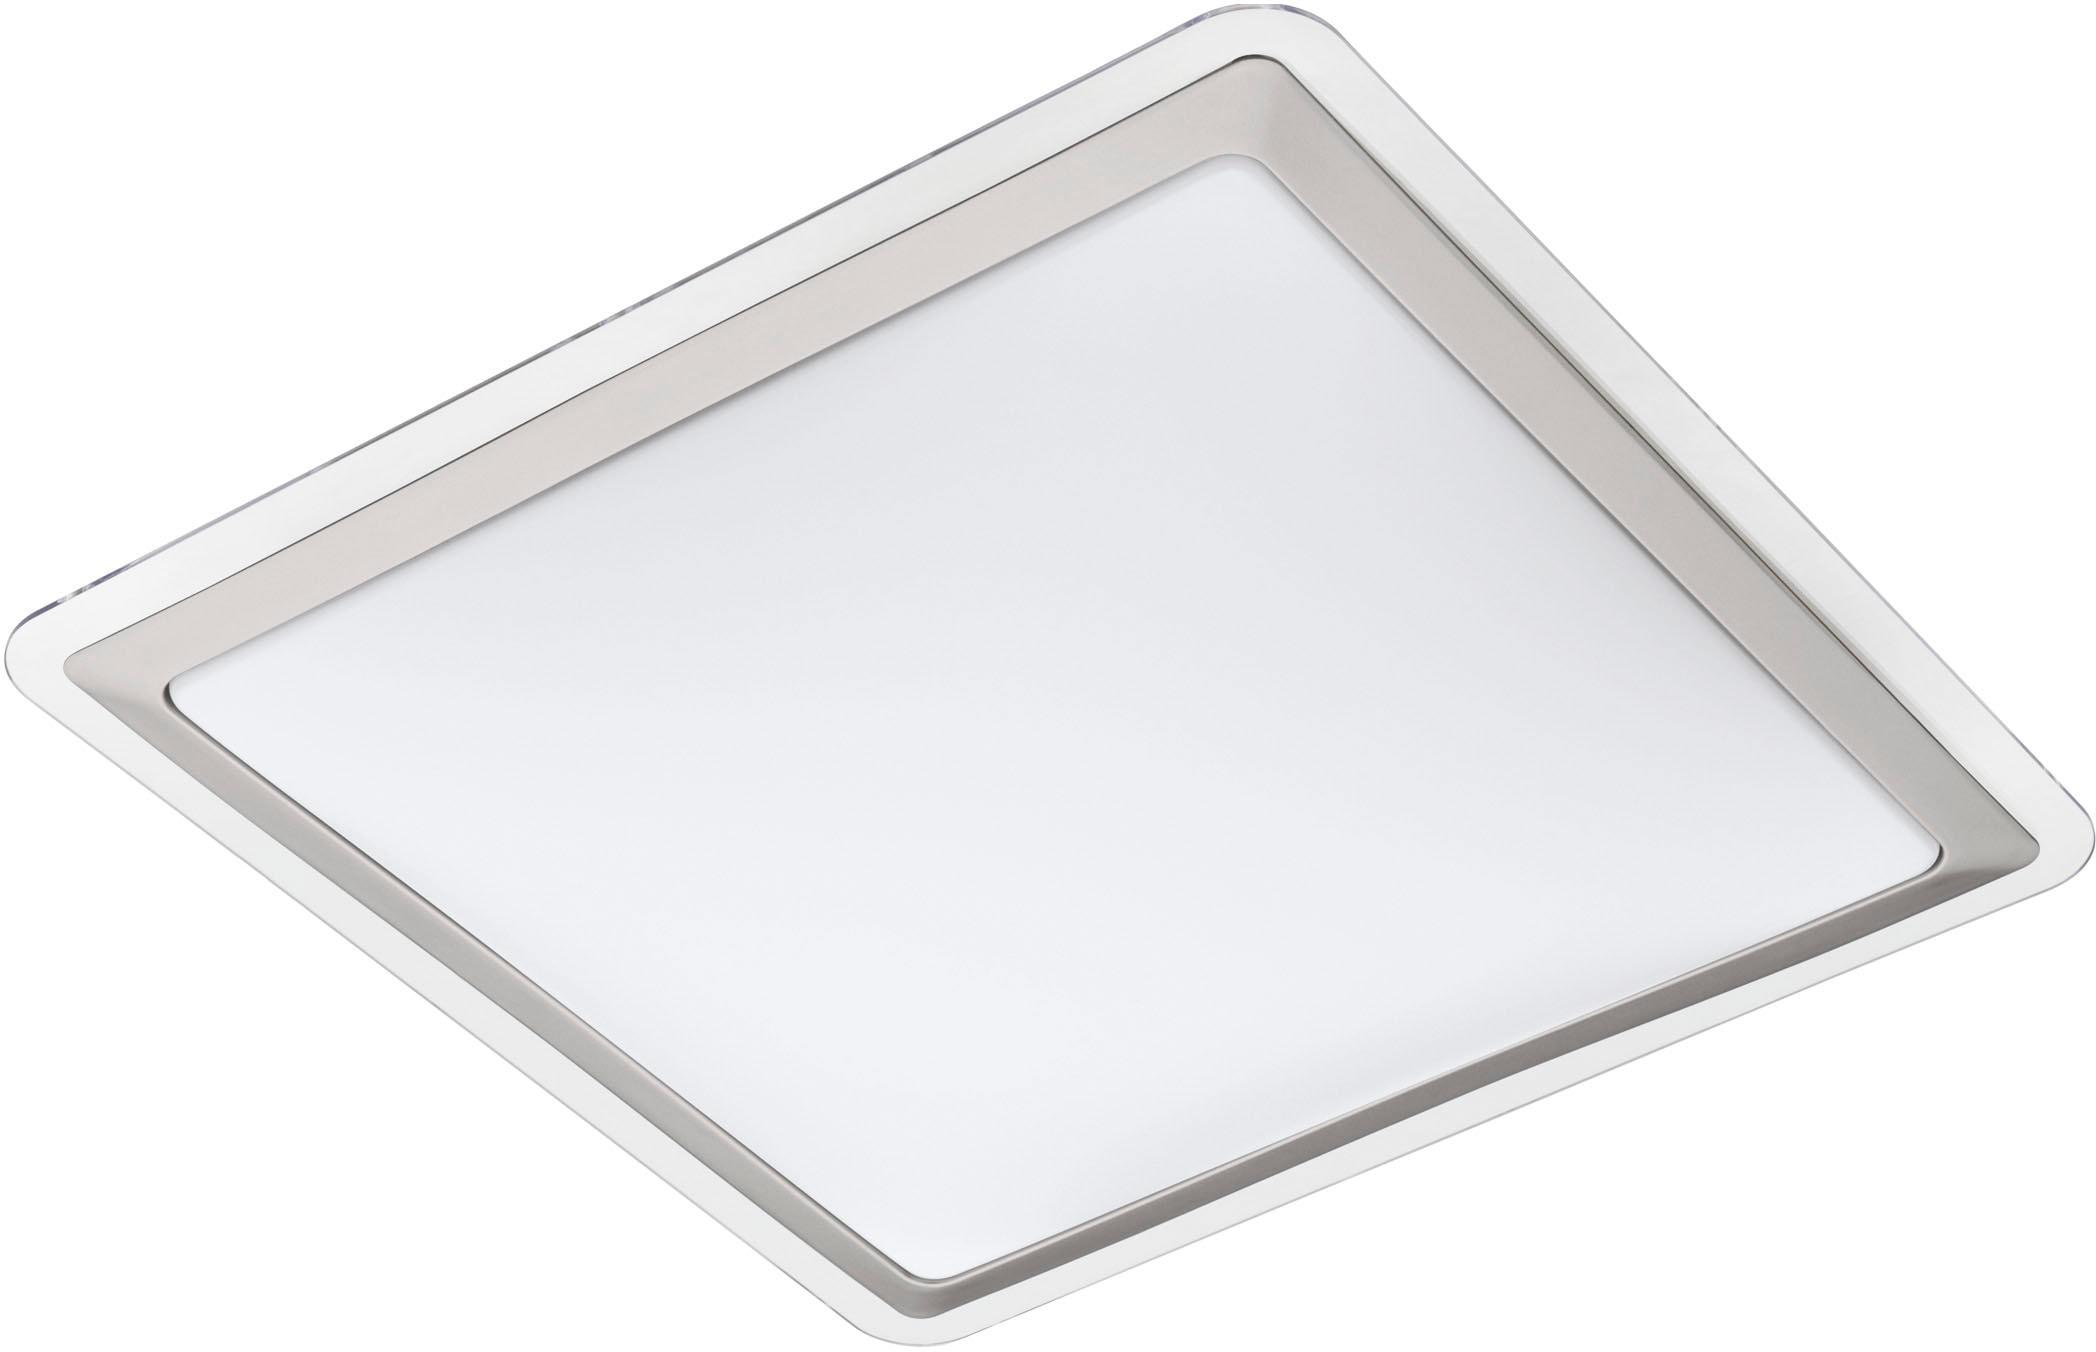 EGLO LED Deckenleuchte COMPETA 1, LED-Board, Warmweiß, LED Deckenlampe